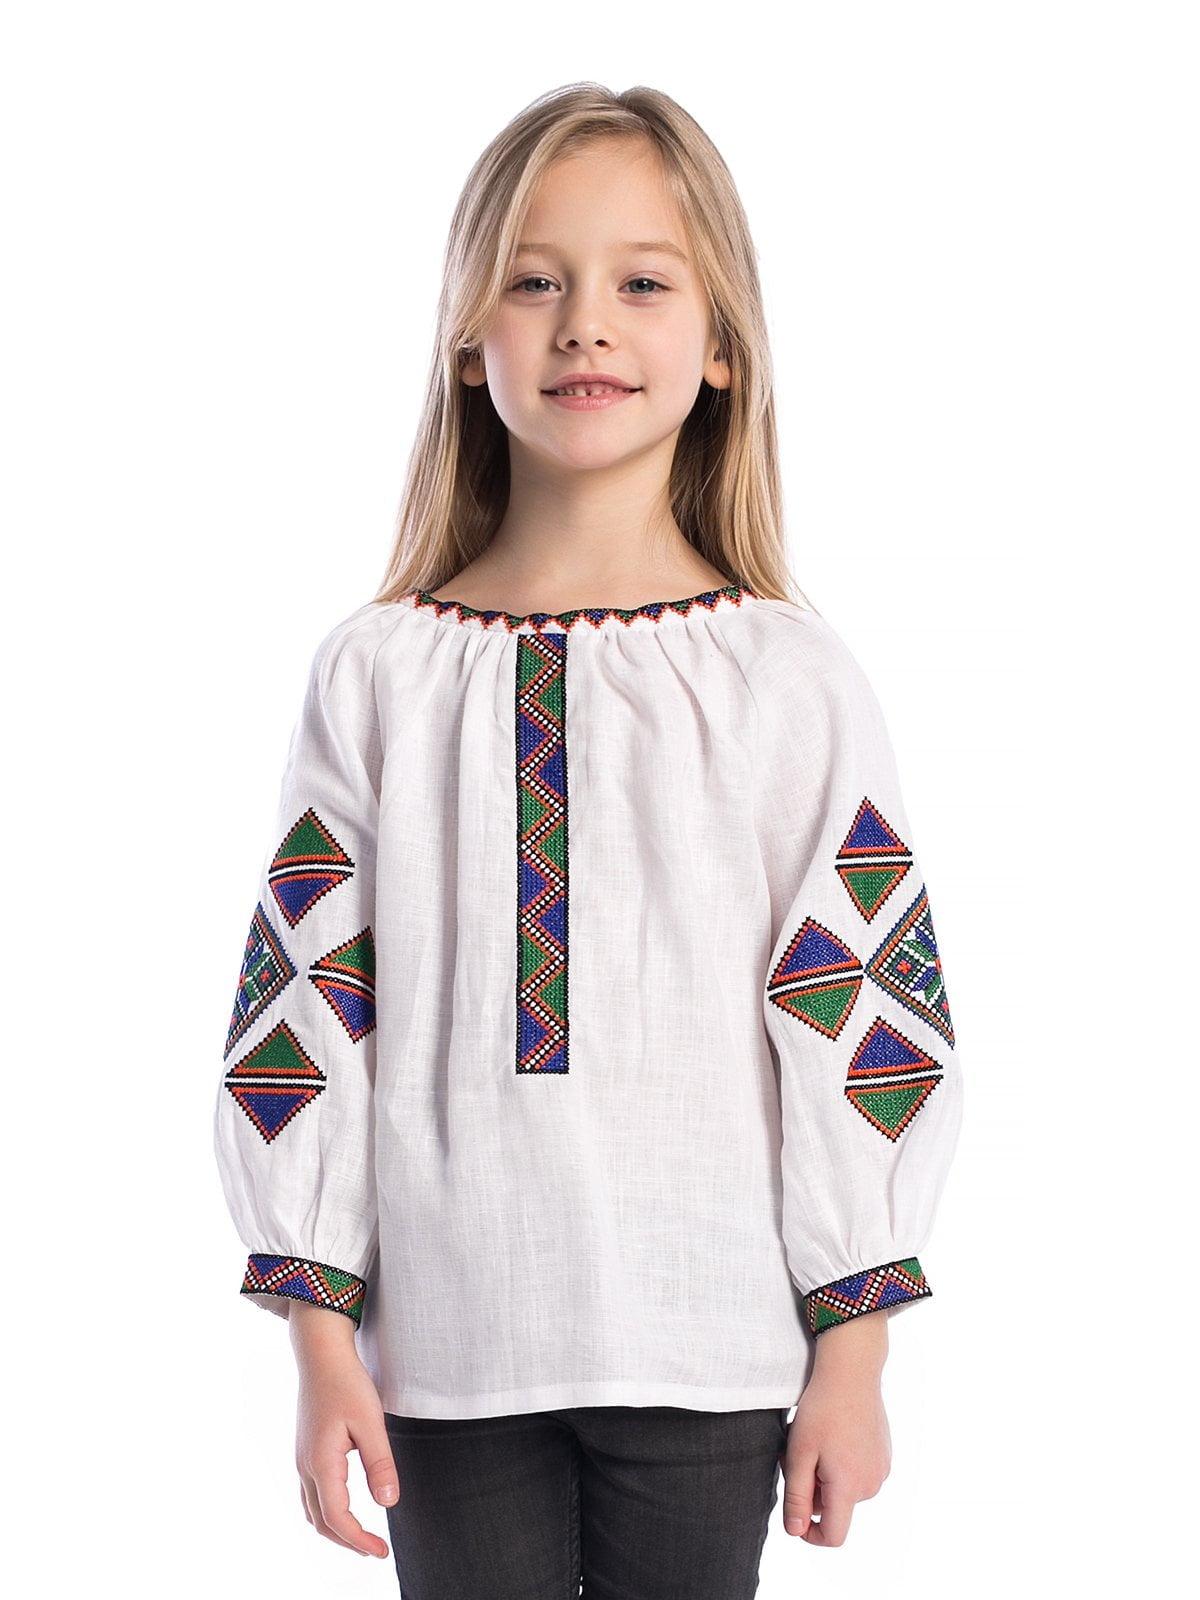 Вышиванка для девочки Smile 4 – купить в Киеве и Украине  78b0691e7962d